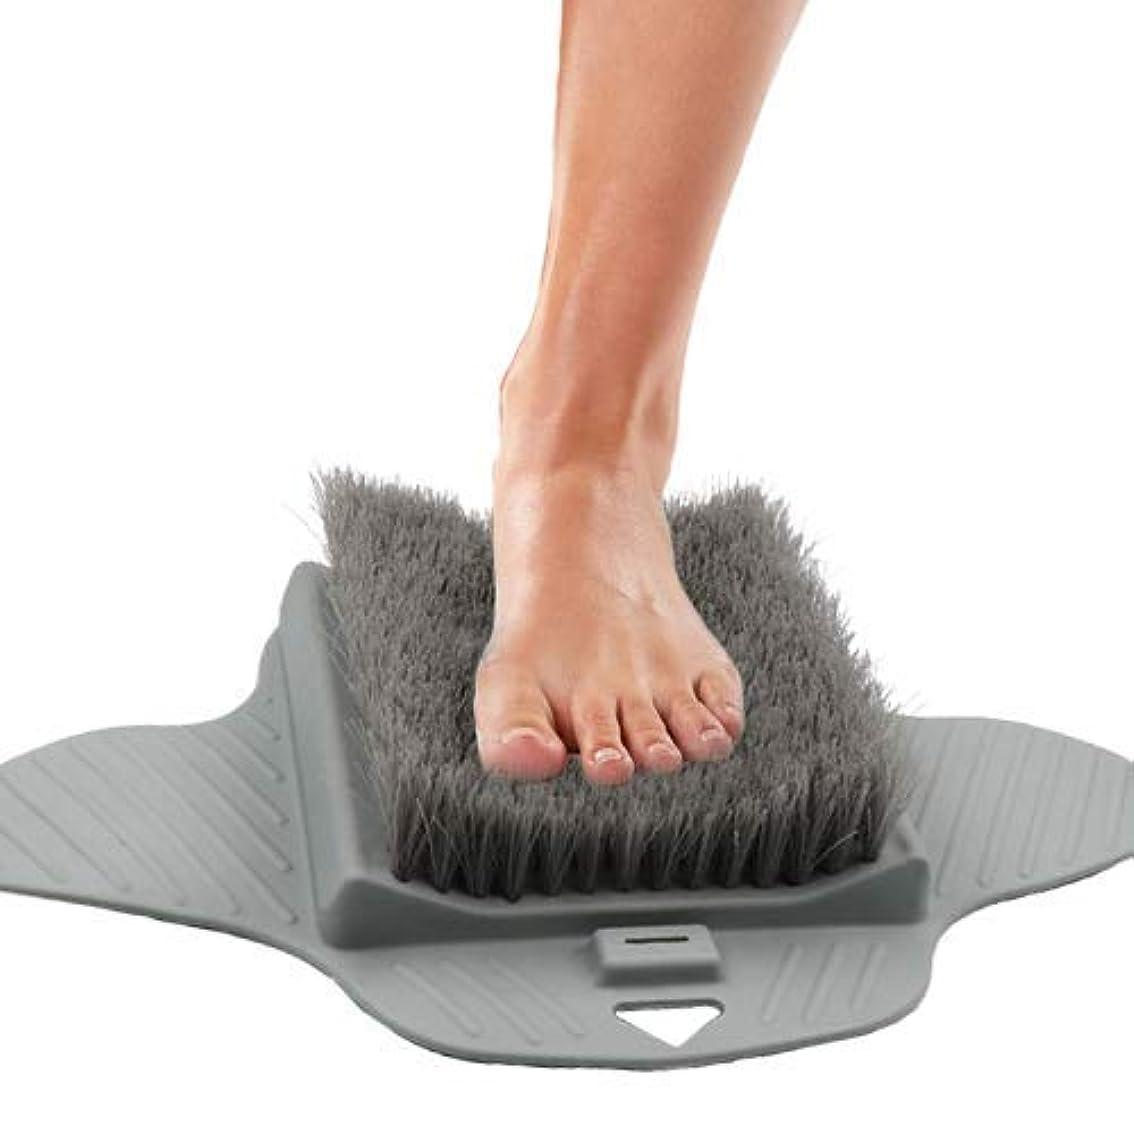 カウンタ虹メモJhua 足の裏とカルスを掃除するためのシャワーフットスクラバーバスタブフロアブラシ-滑り止め吸引カップ、指圧マッサージマットフットクリーナー